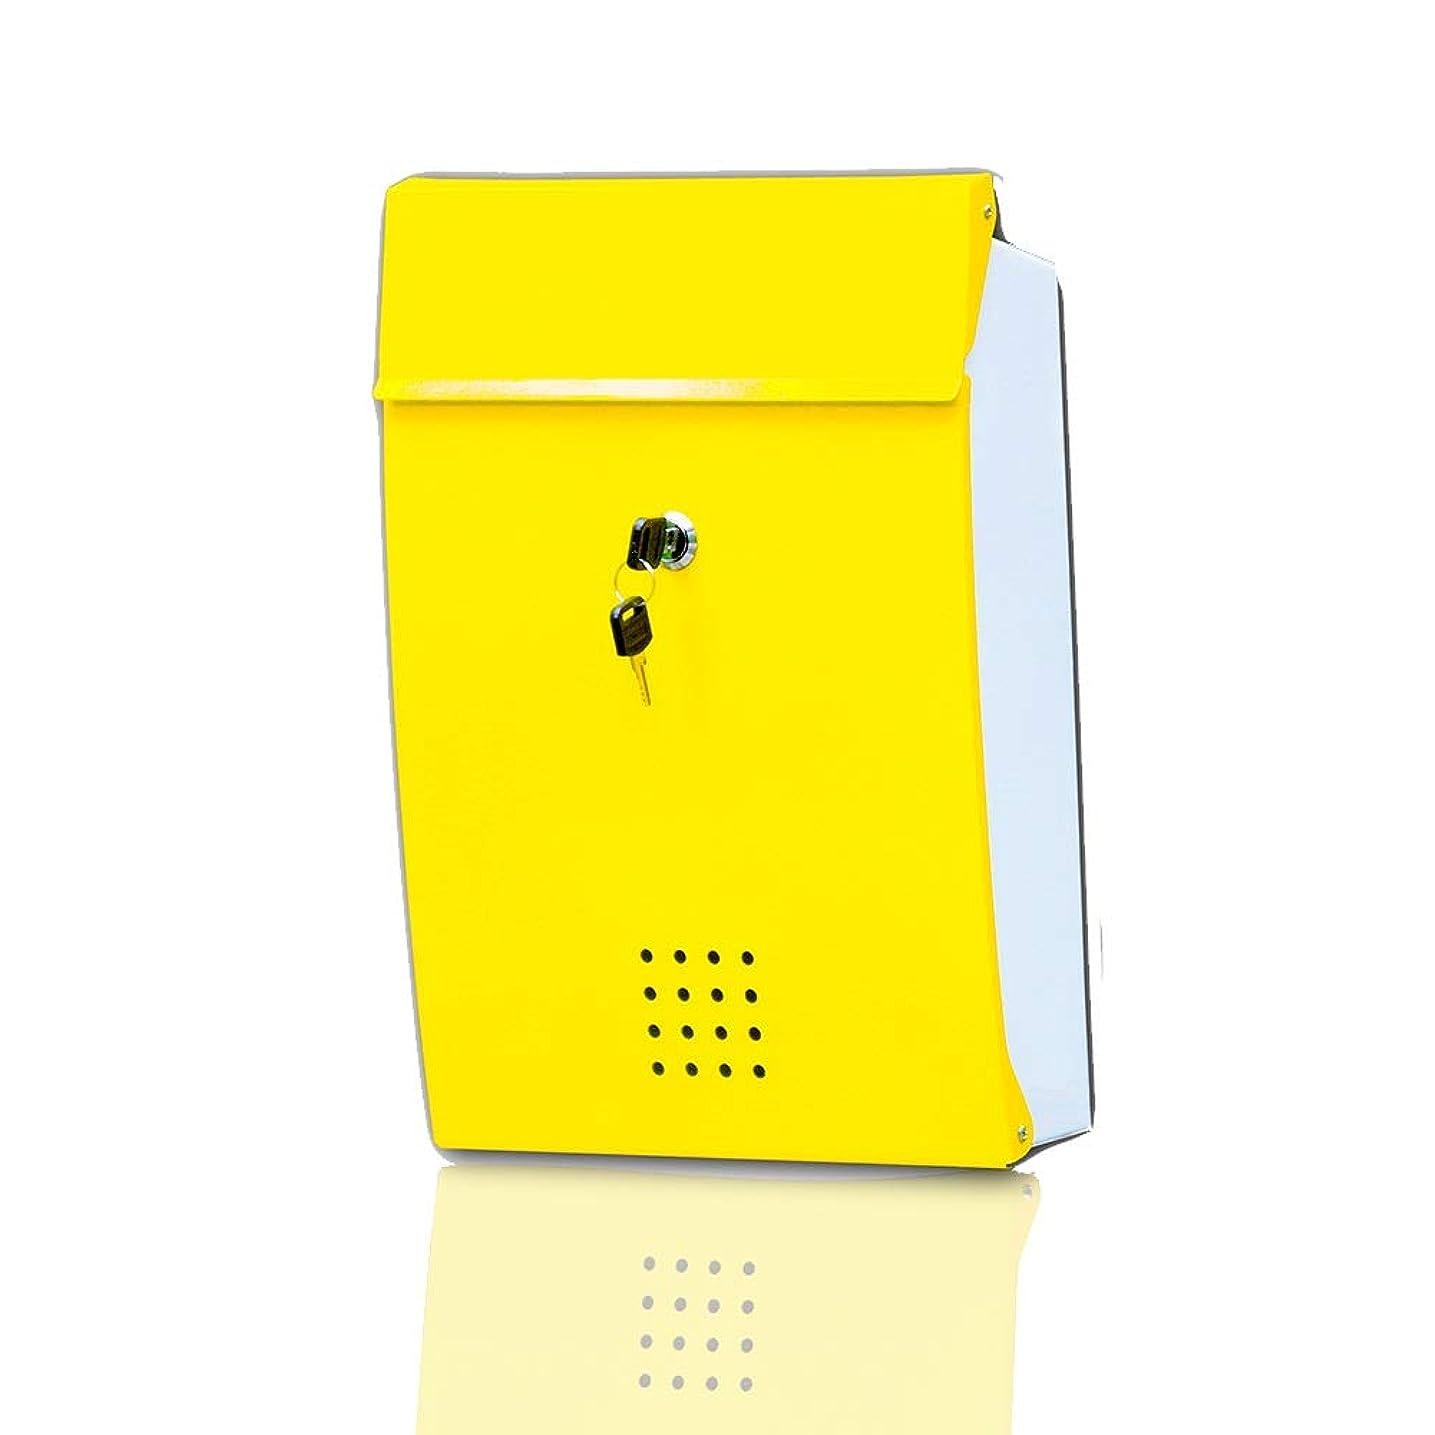 暴徒また明日ね困惑するLILIS メールボックス 郵便受け ブリキ皮膚レターボックス別荘のメールボックス2色のモザイクアメリカの新聞ボックス壁屋外防水レターボックスの受信トレイ (Color : Yellow)